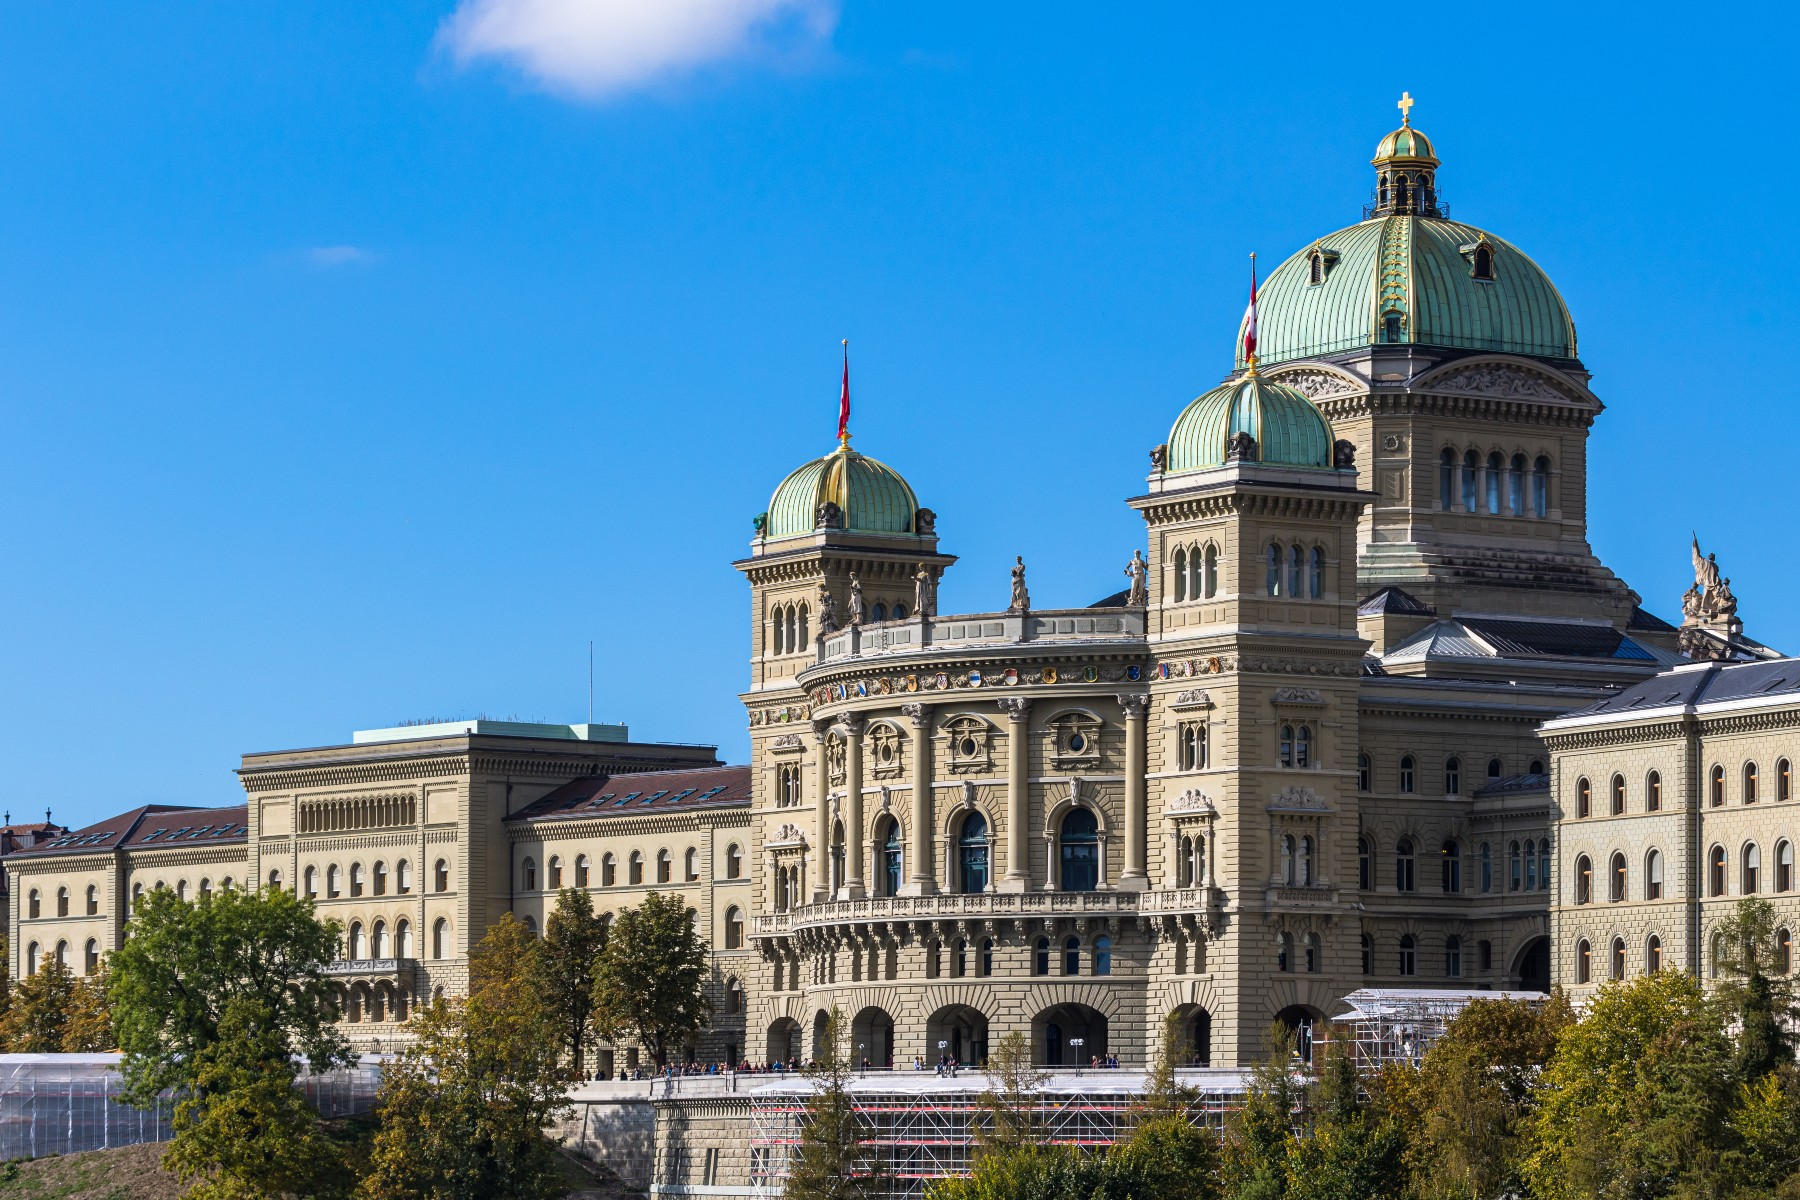 exterior of Switzerland Parliament building